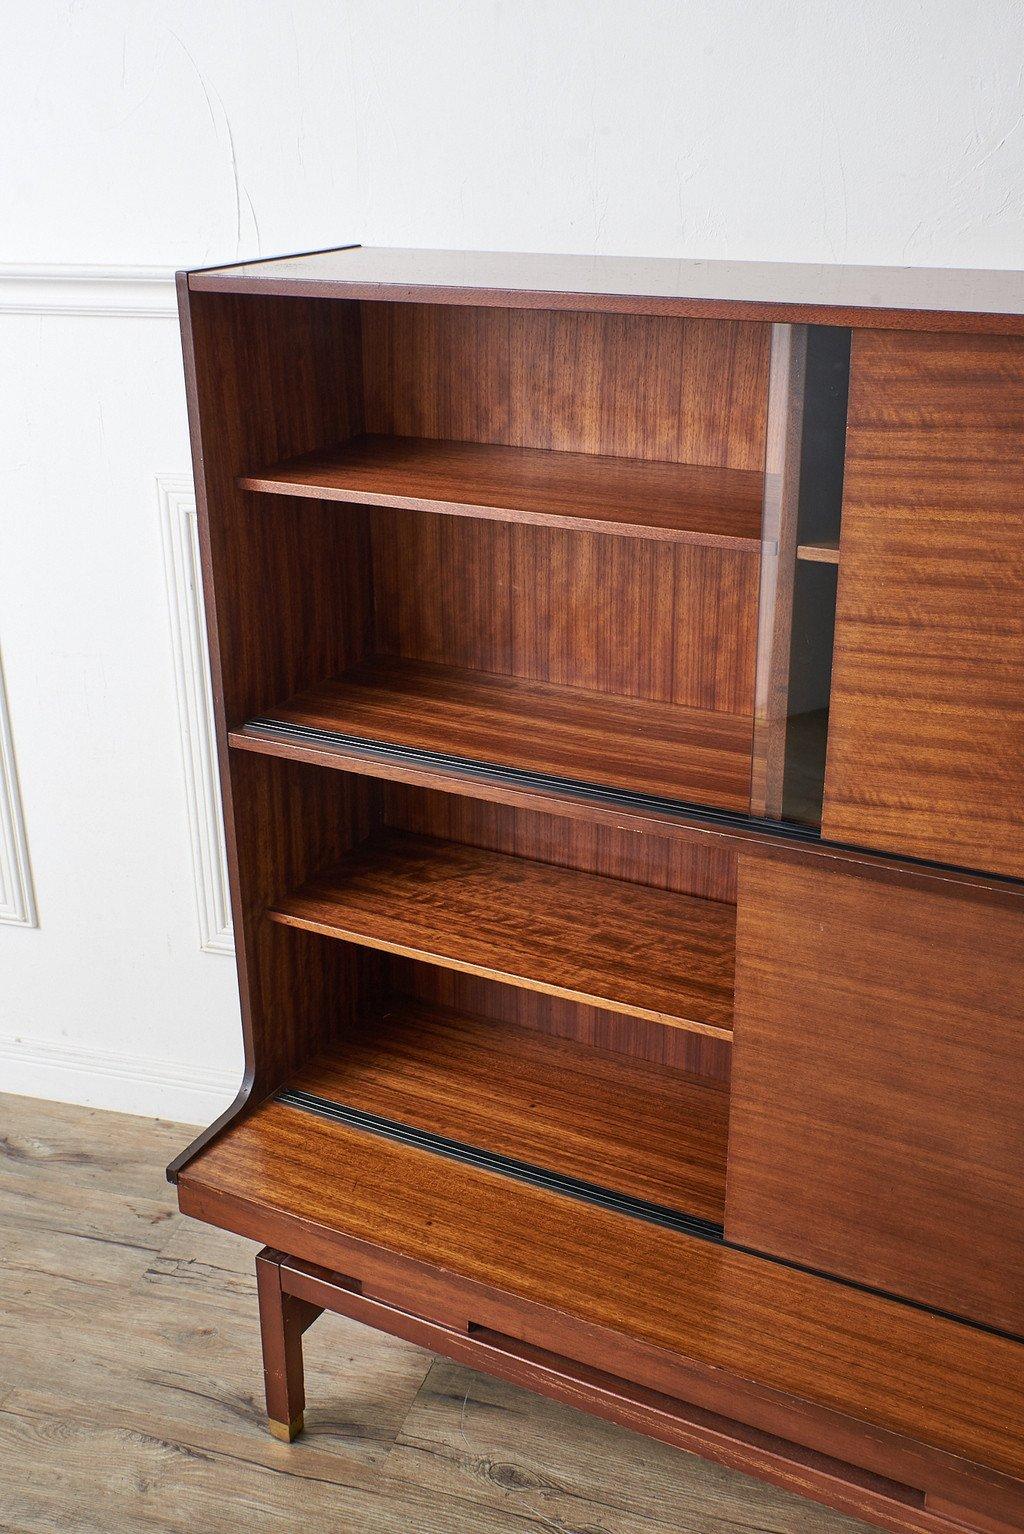 #35408 トールブックケース Tall Bookcase (61) コンディション画像 - 26